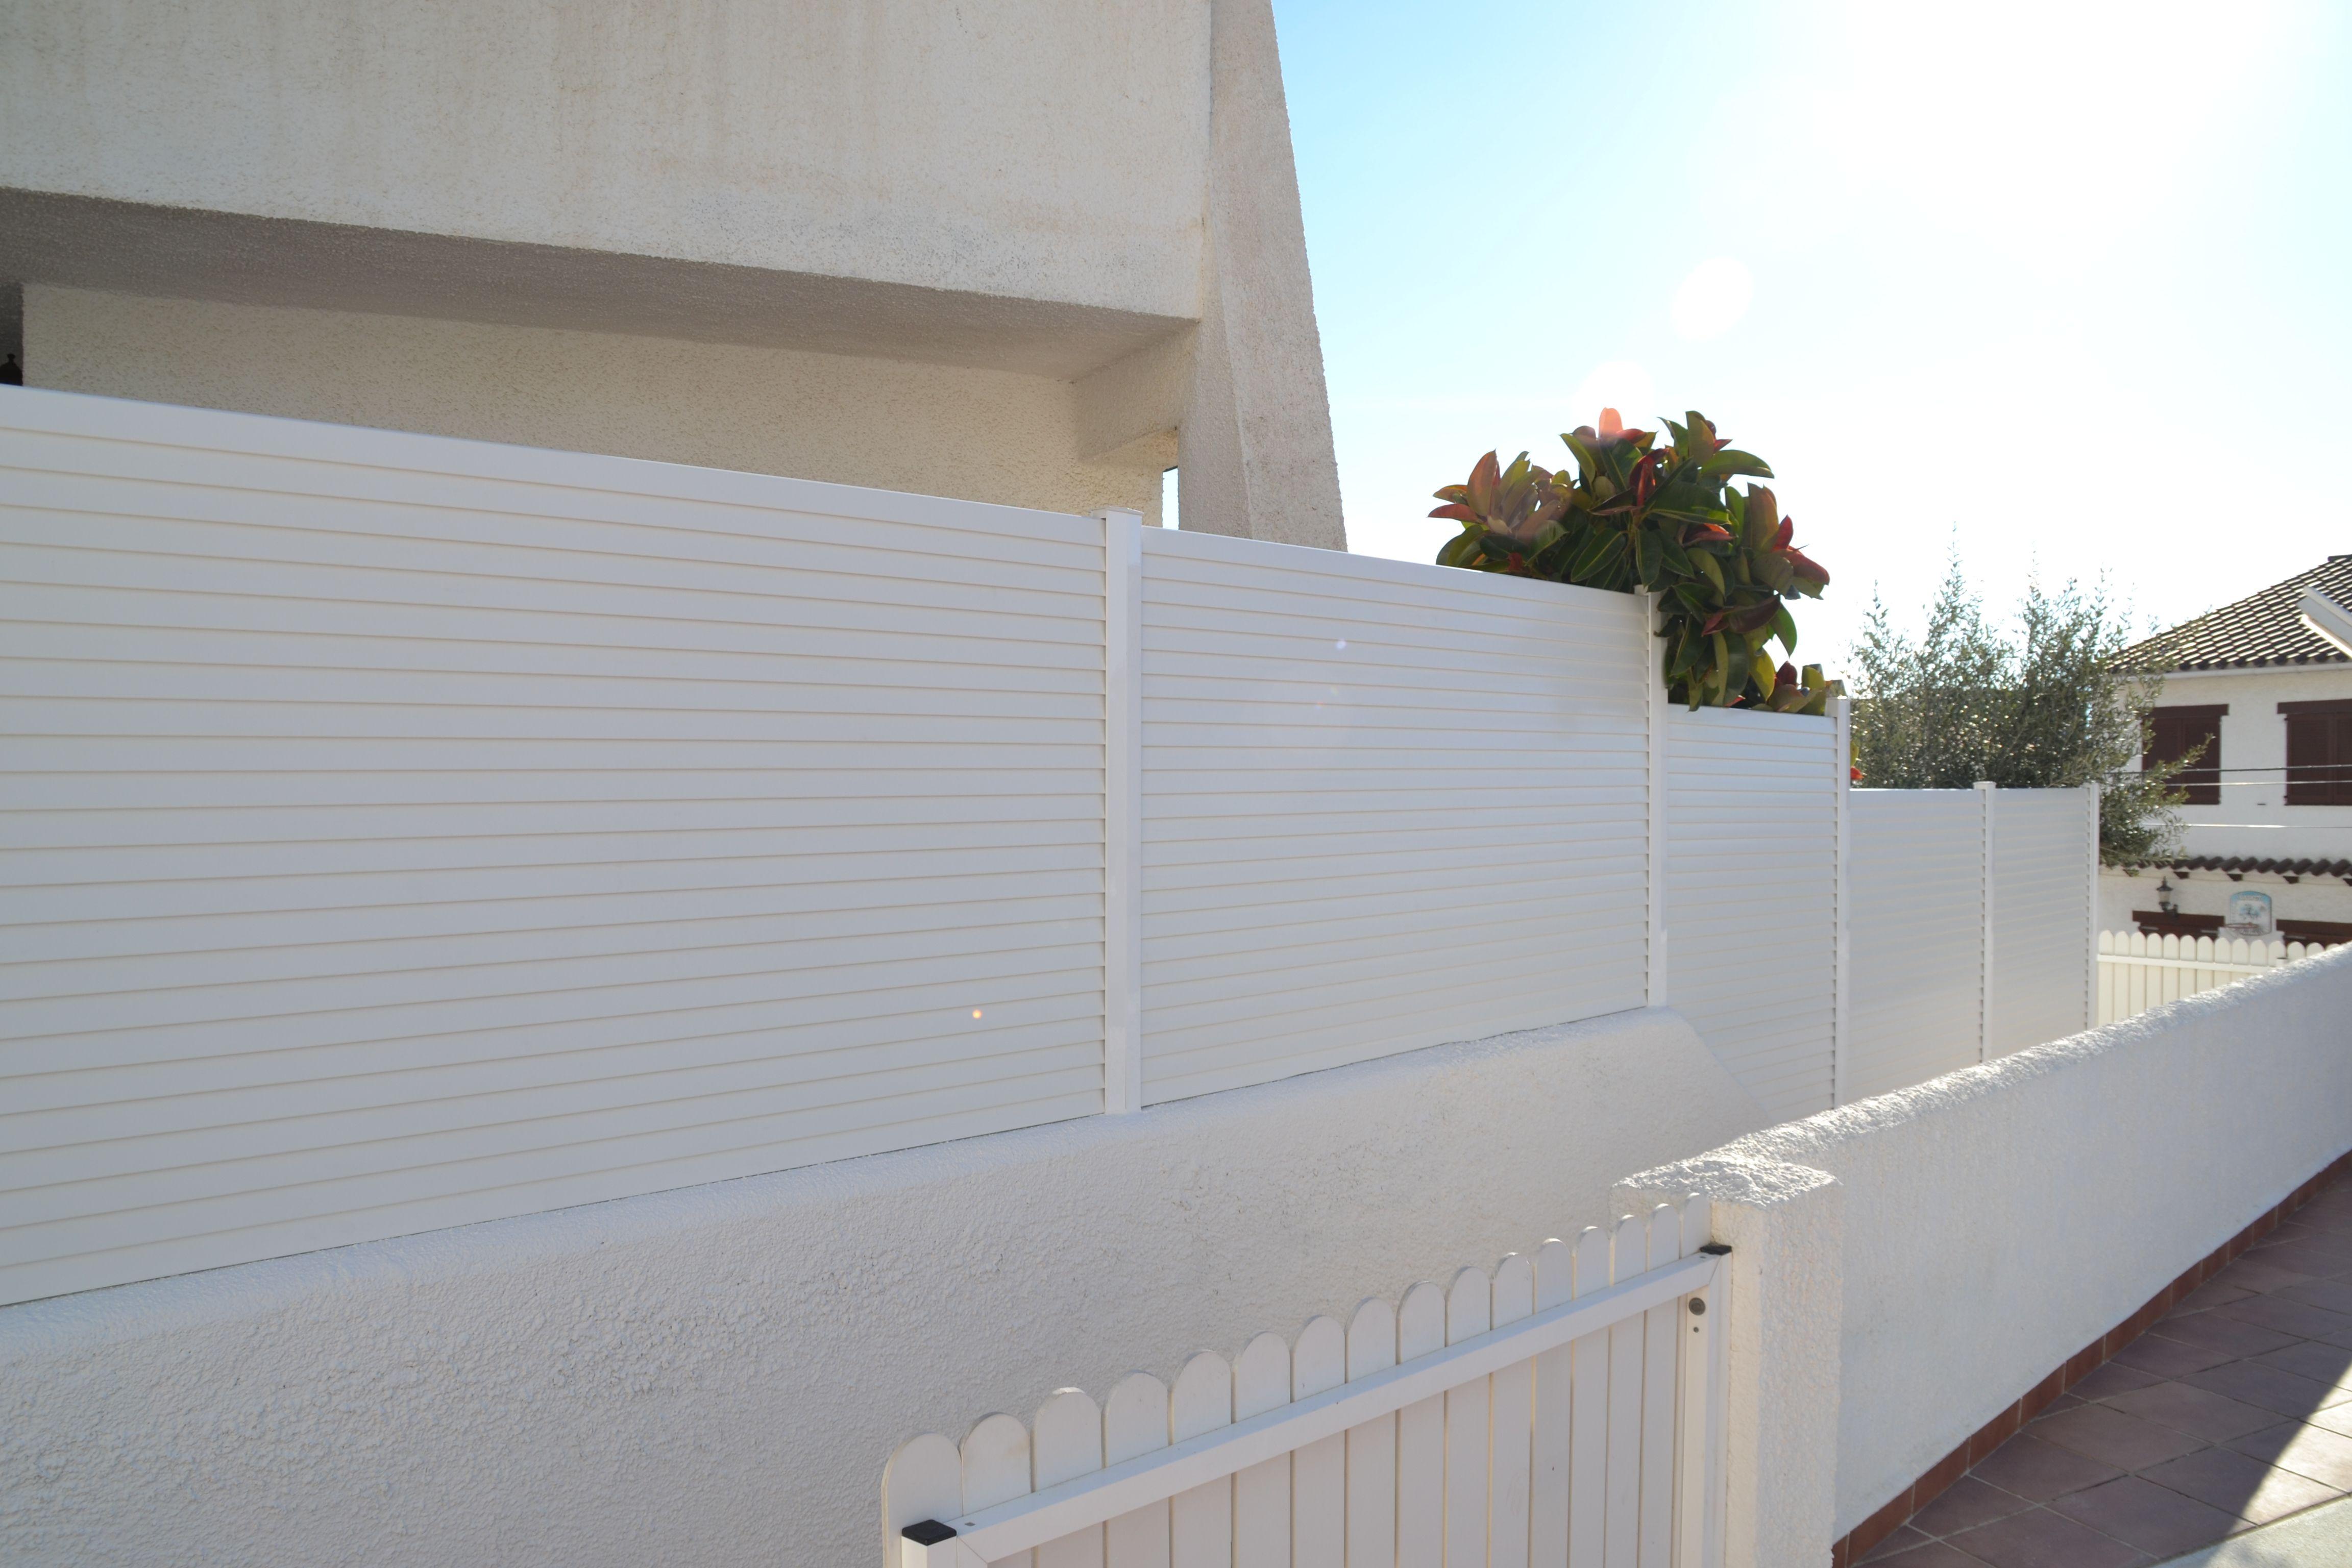 Valla de pvc cerramiento para jard n modelo vall ven cia vallas para jard n en pvc - Valla metalica jardin ...